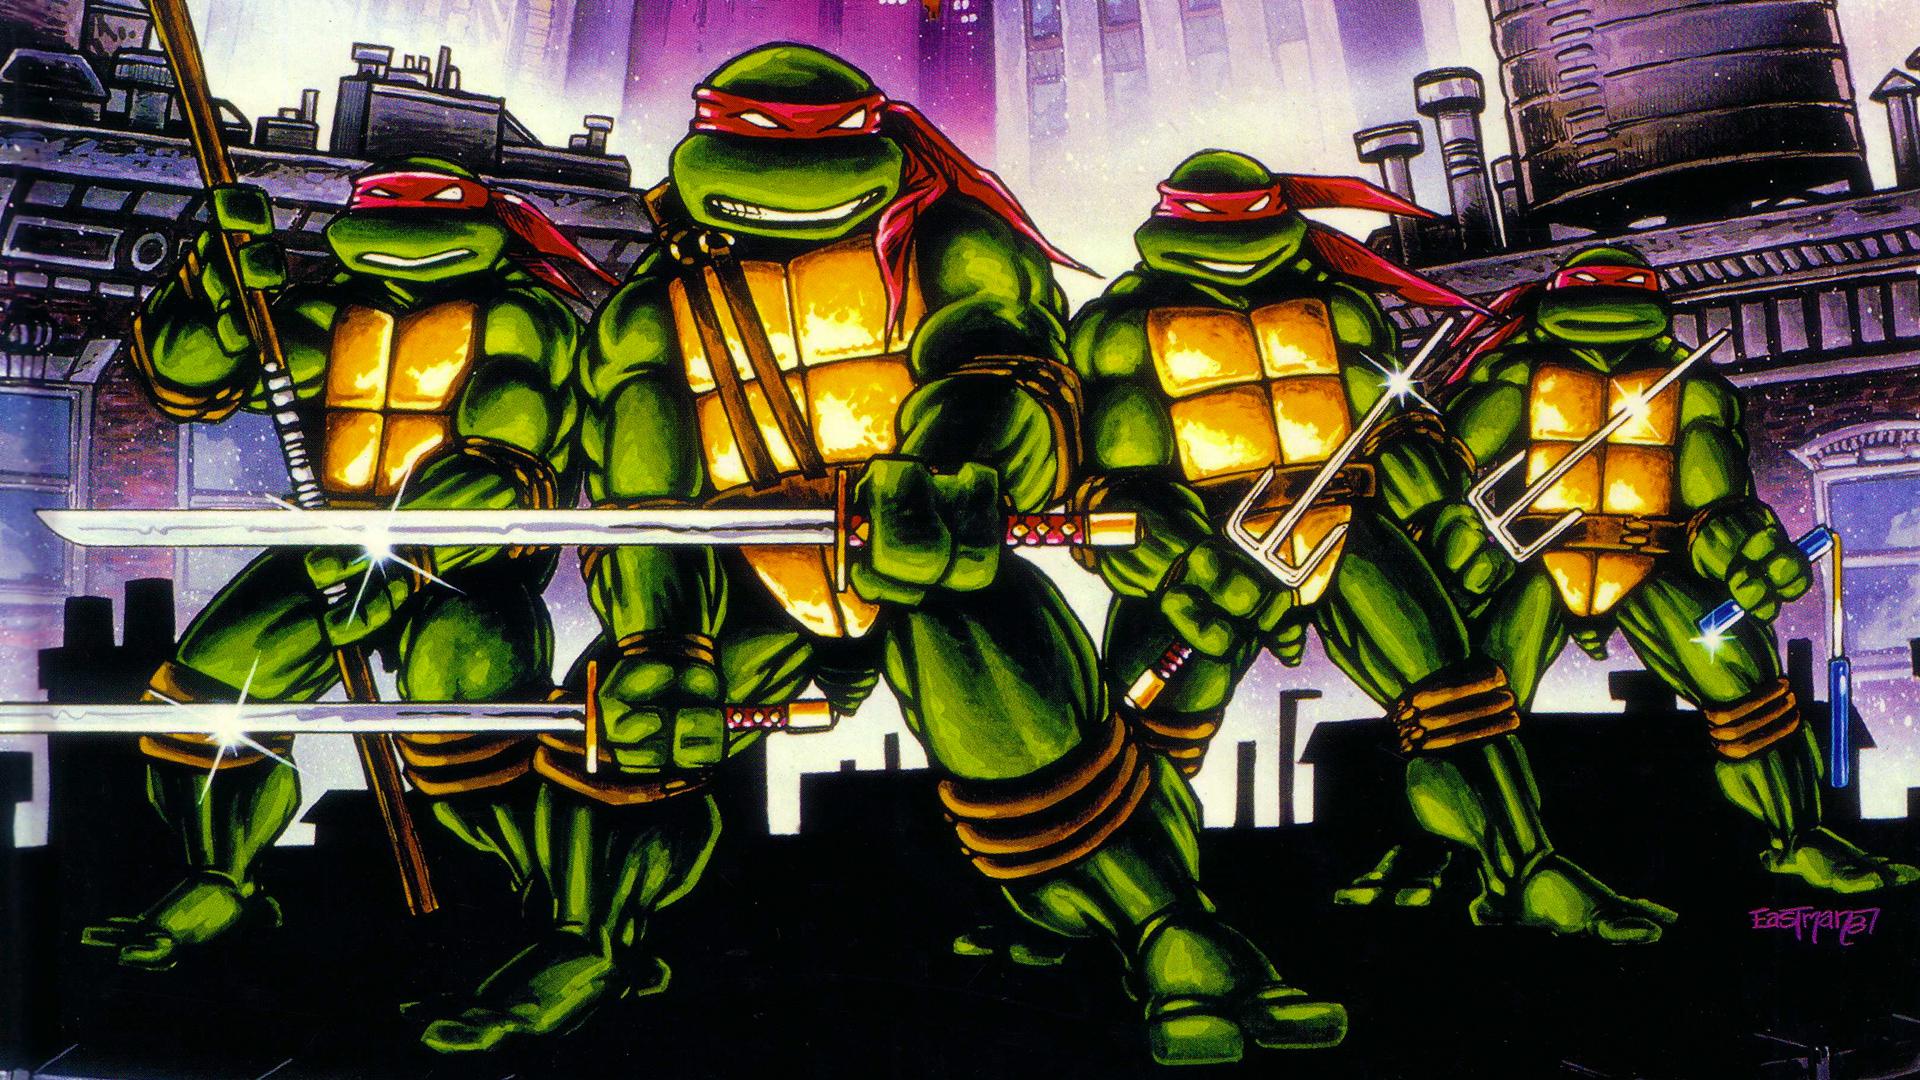 Tmnt Hd Wallpaper Teenage Mutant Ninja Turtles Comic 1371426